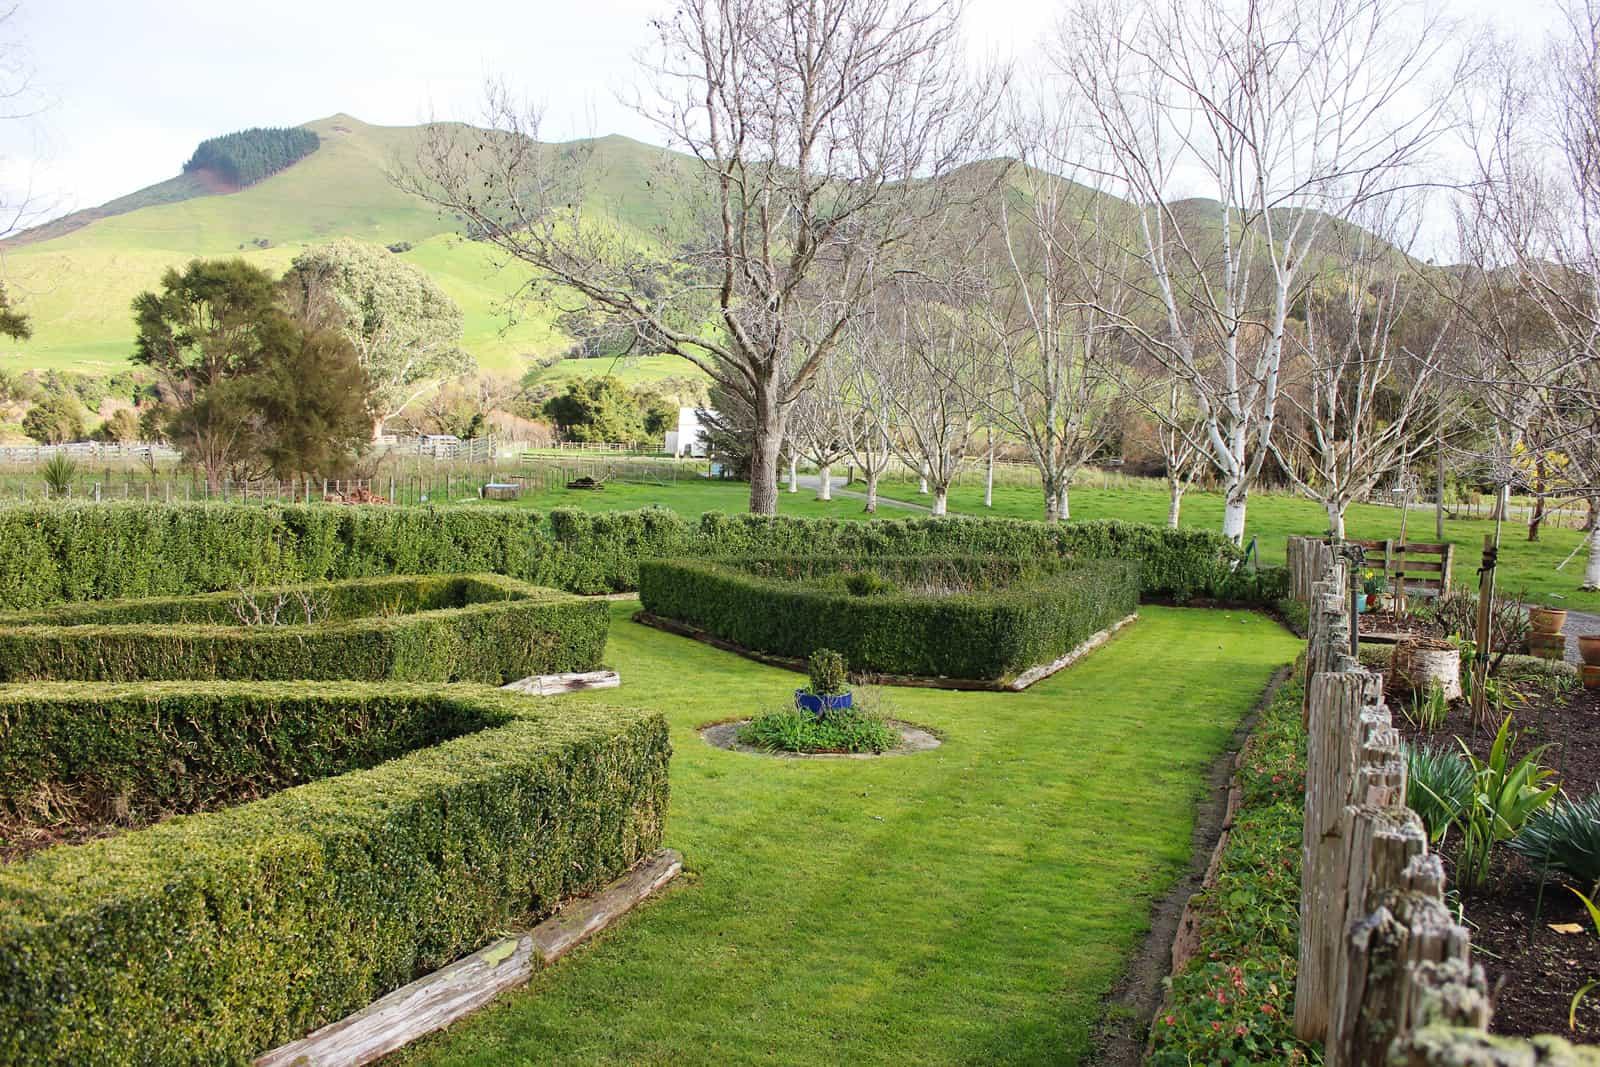 Beautiful Bush Garden Awariki Wairarapa Garden Tour 2018 03